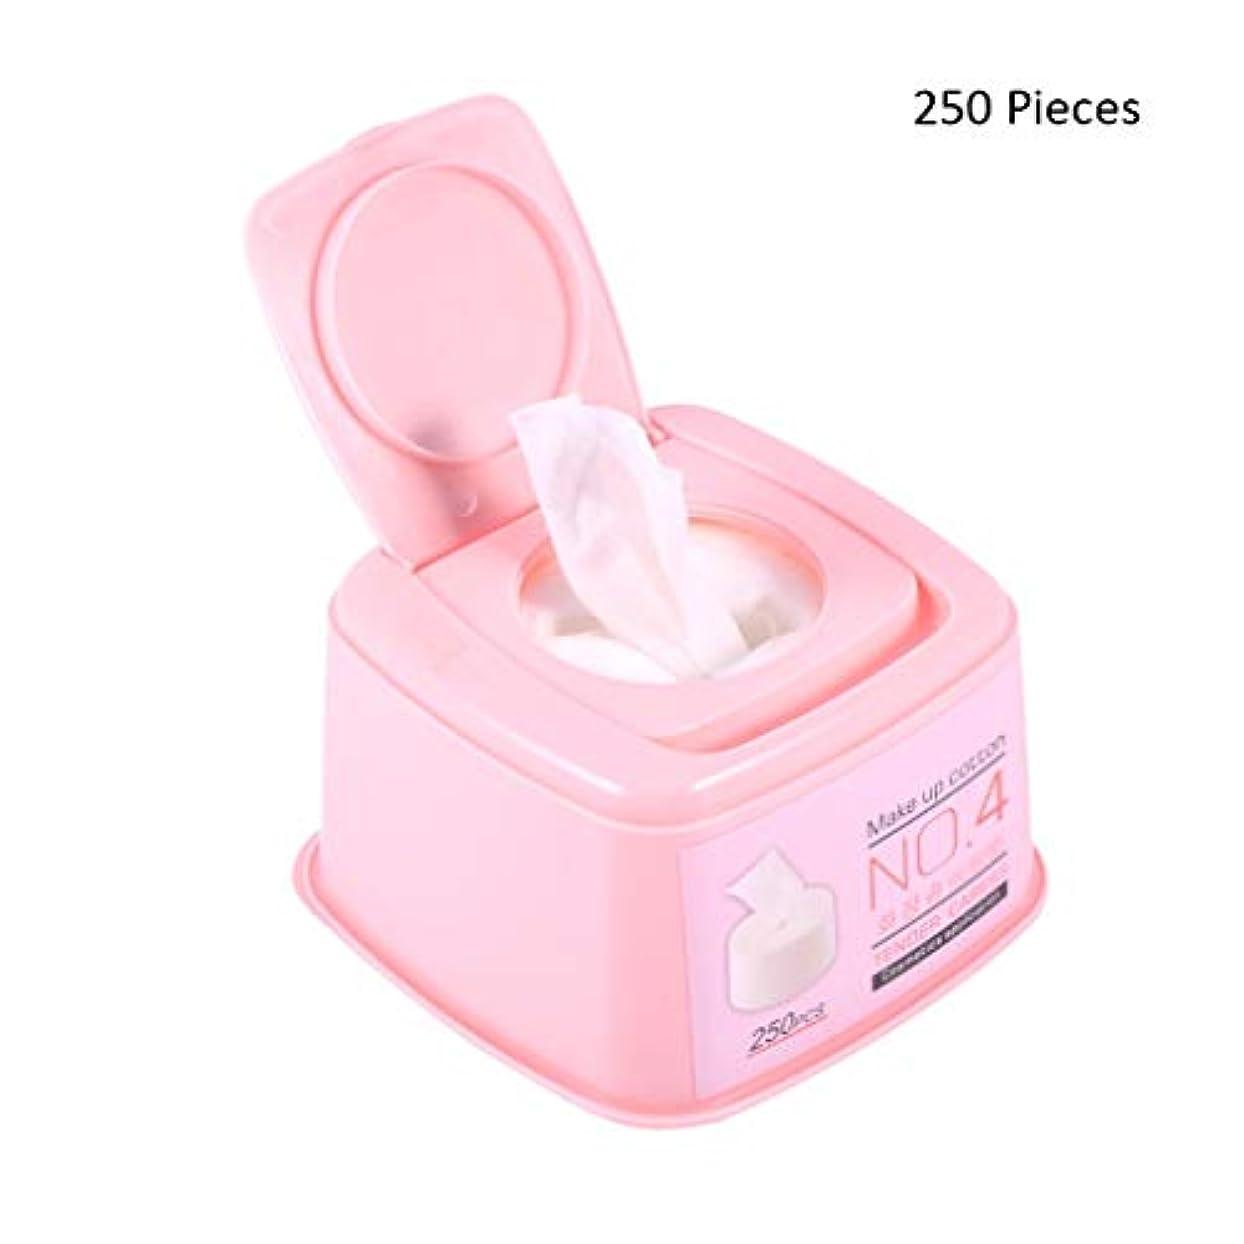 うめき裕福なグリット250ピース/ボックスフェイスメイクリムーバーパッドメイクアップコットンワイプディープフェイシャルアイクレンジングスキンケアフェイスウォッシュ化粧品ツール (Color : Pink, サイズ : 11.5*11.5*7cm)